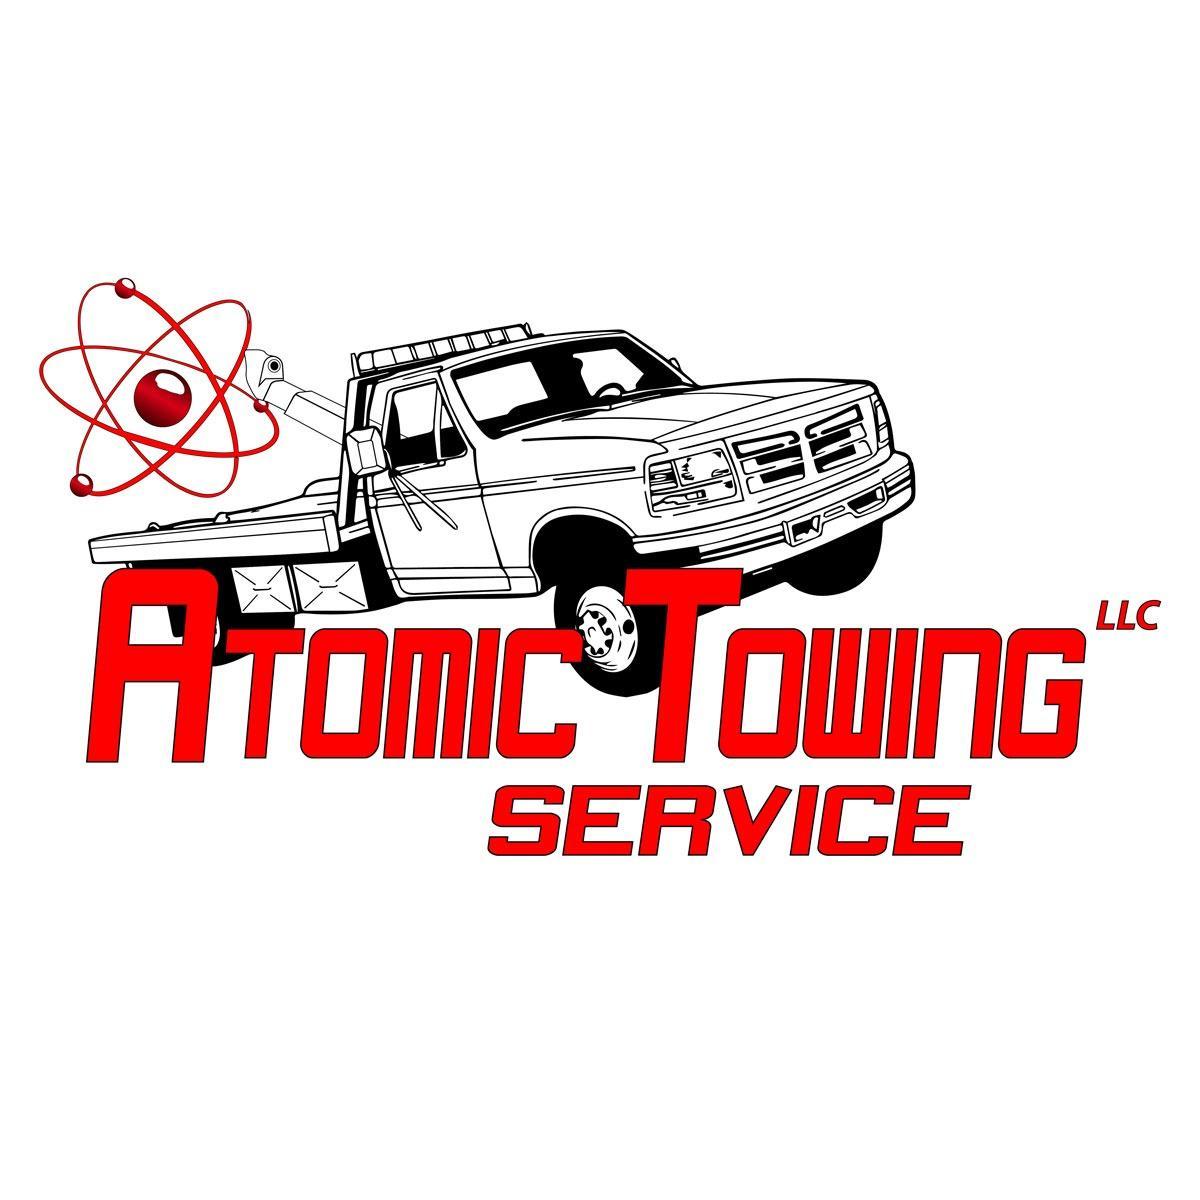 Atomic Towing Service LLC